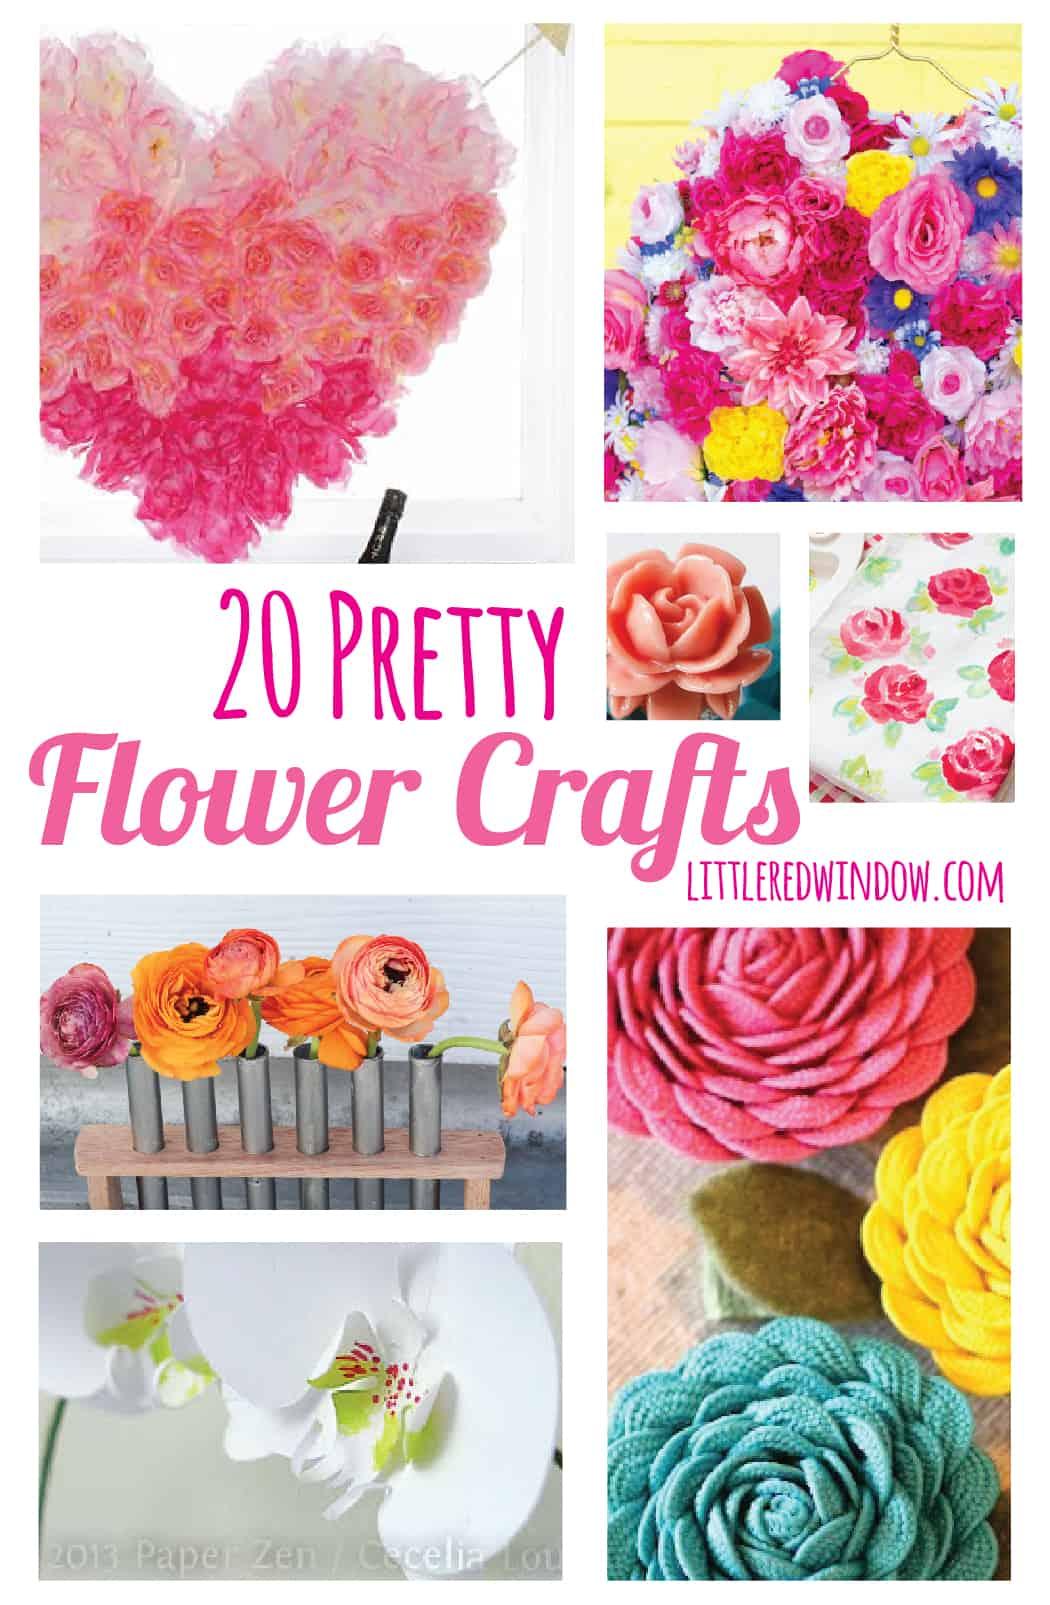 20 Pretty Flower Crafts